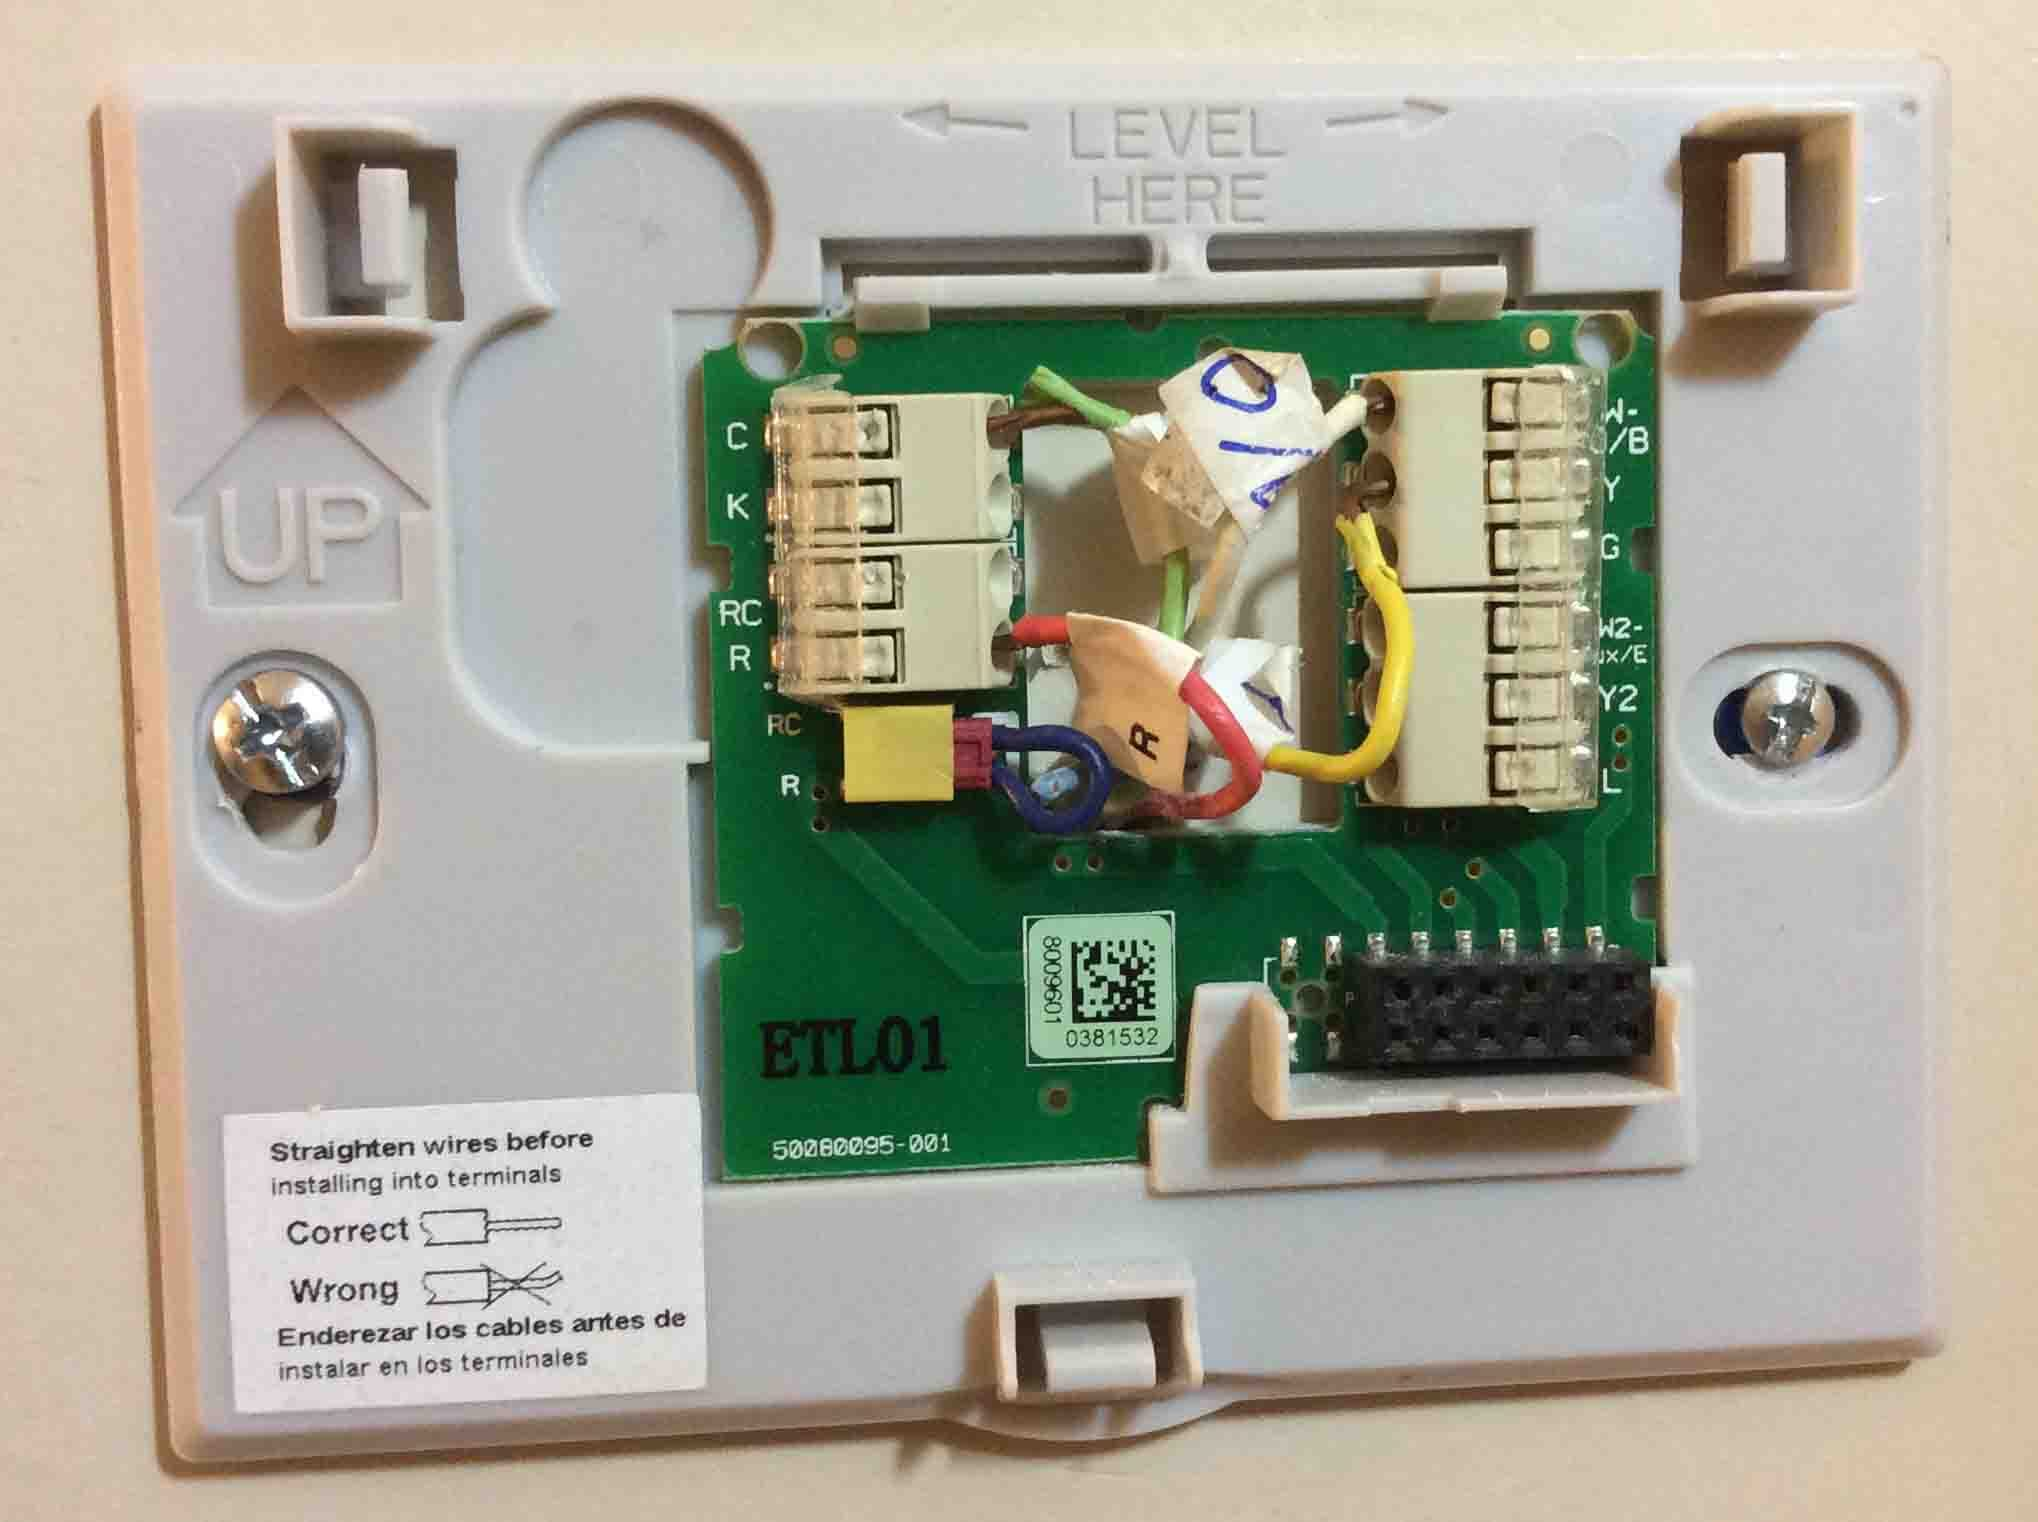 [SCHEMATICS_48DE]  AT_7092] Toms Water Pump Wiring Diagram Free Diagram | Toms Water Pump Wiring Diagram |  | Onom Socad Nizat Hyedi Mohammedshrine Librar Wiring 101